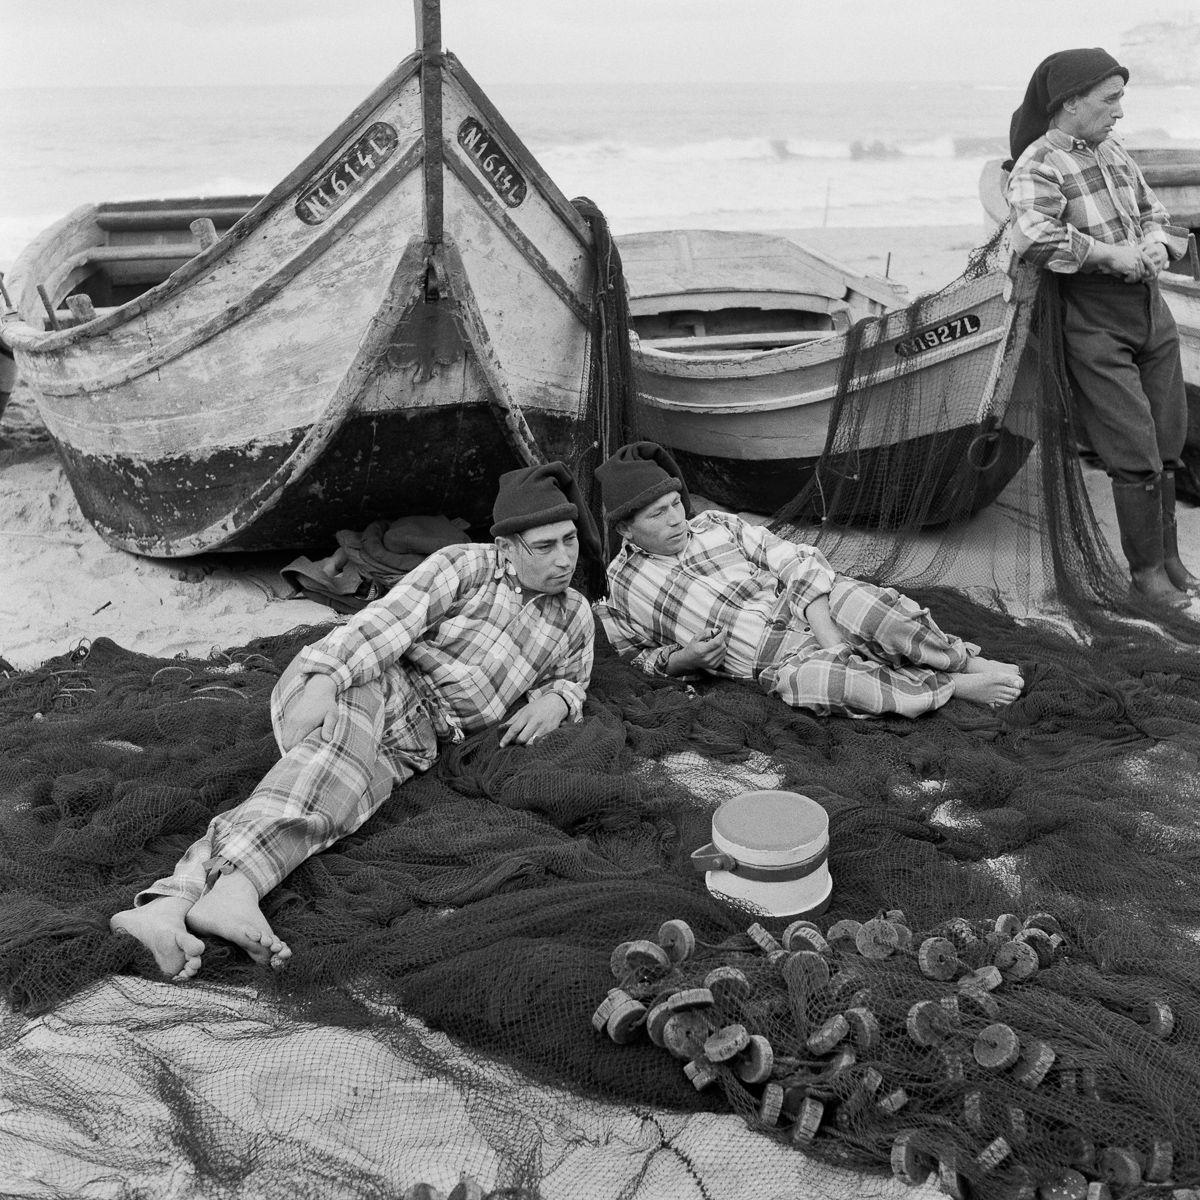 Fotografias deslumbrantes capturam a cultura da pesca dos anos 50 em Portugal 01